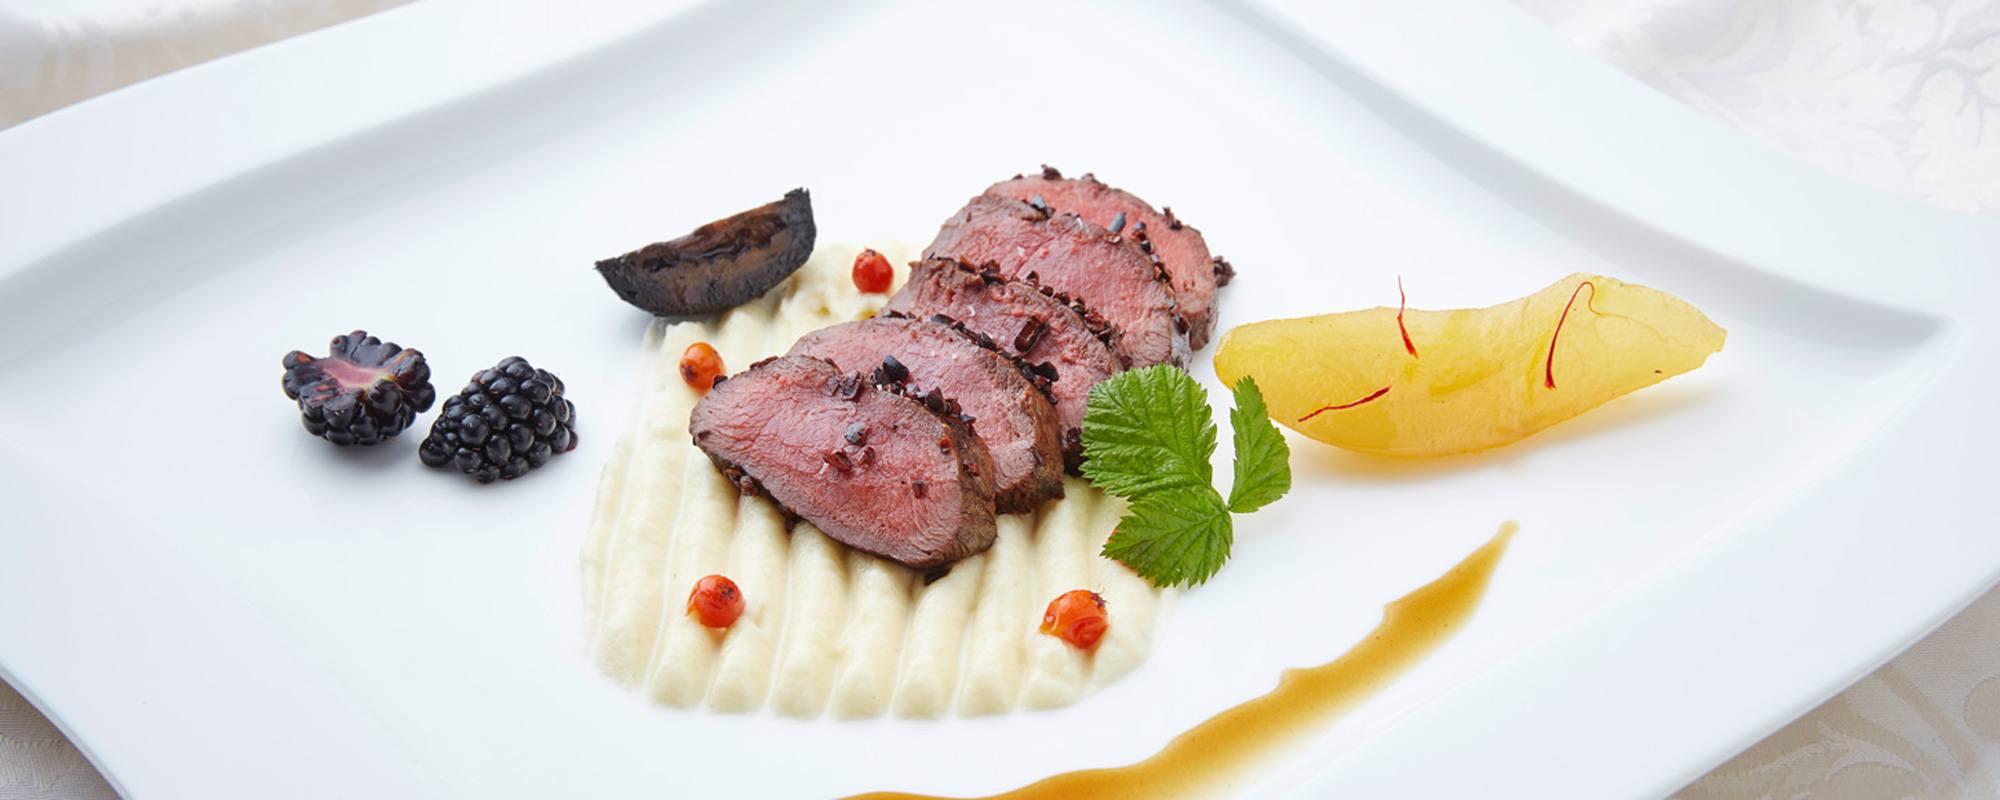 Gourmet Küche | Gourmet Kulinarische Genusse Im Hotel Kristall Hotel Kristall